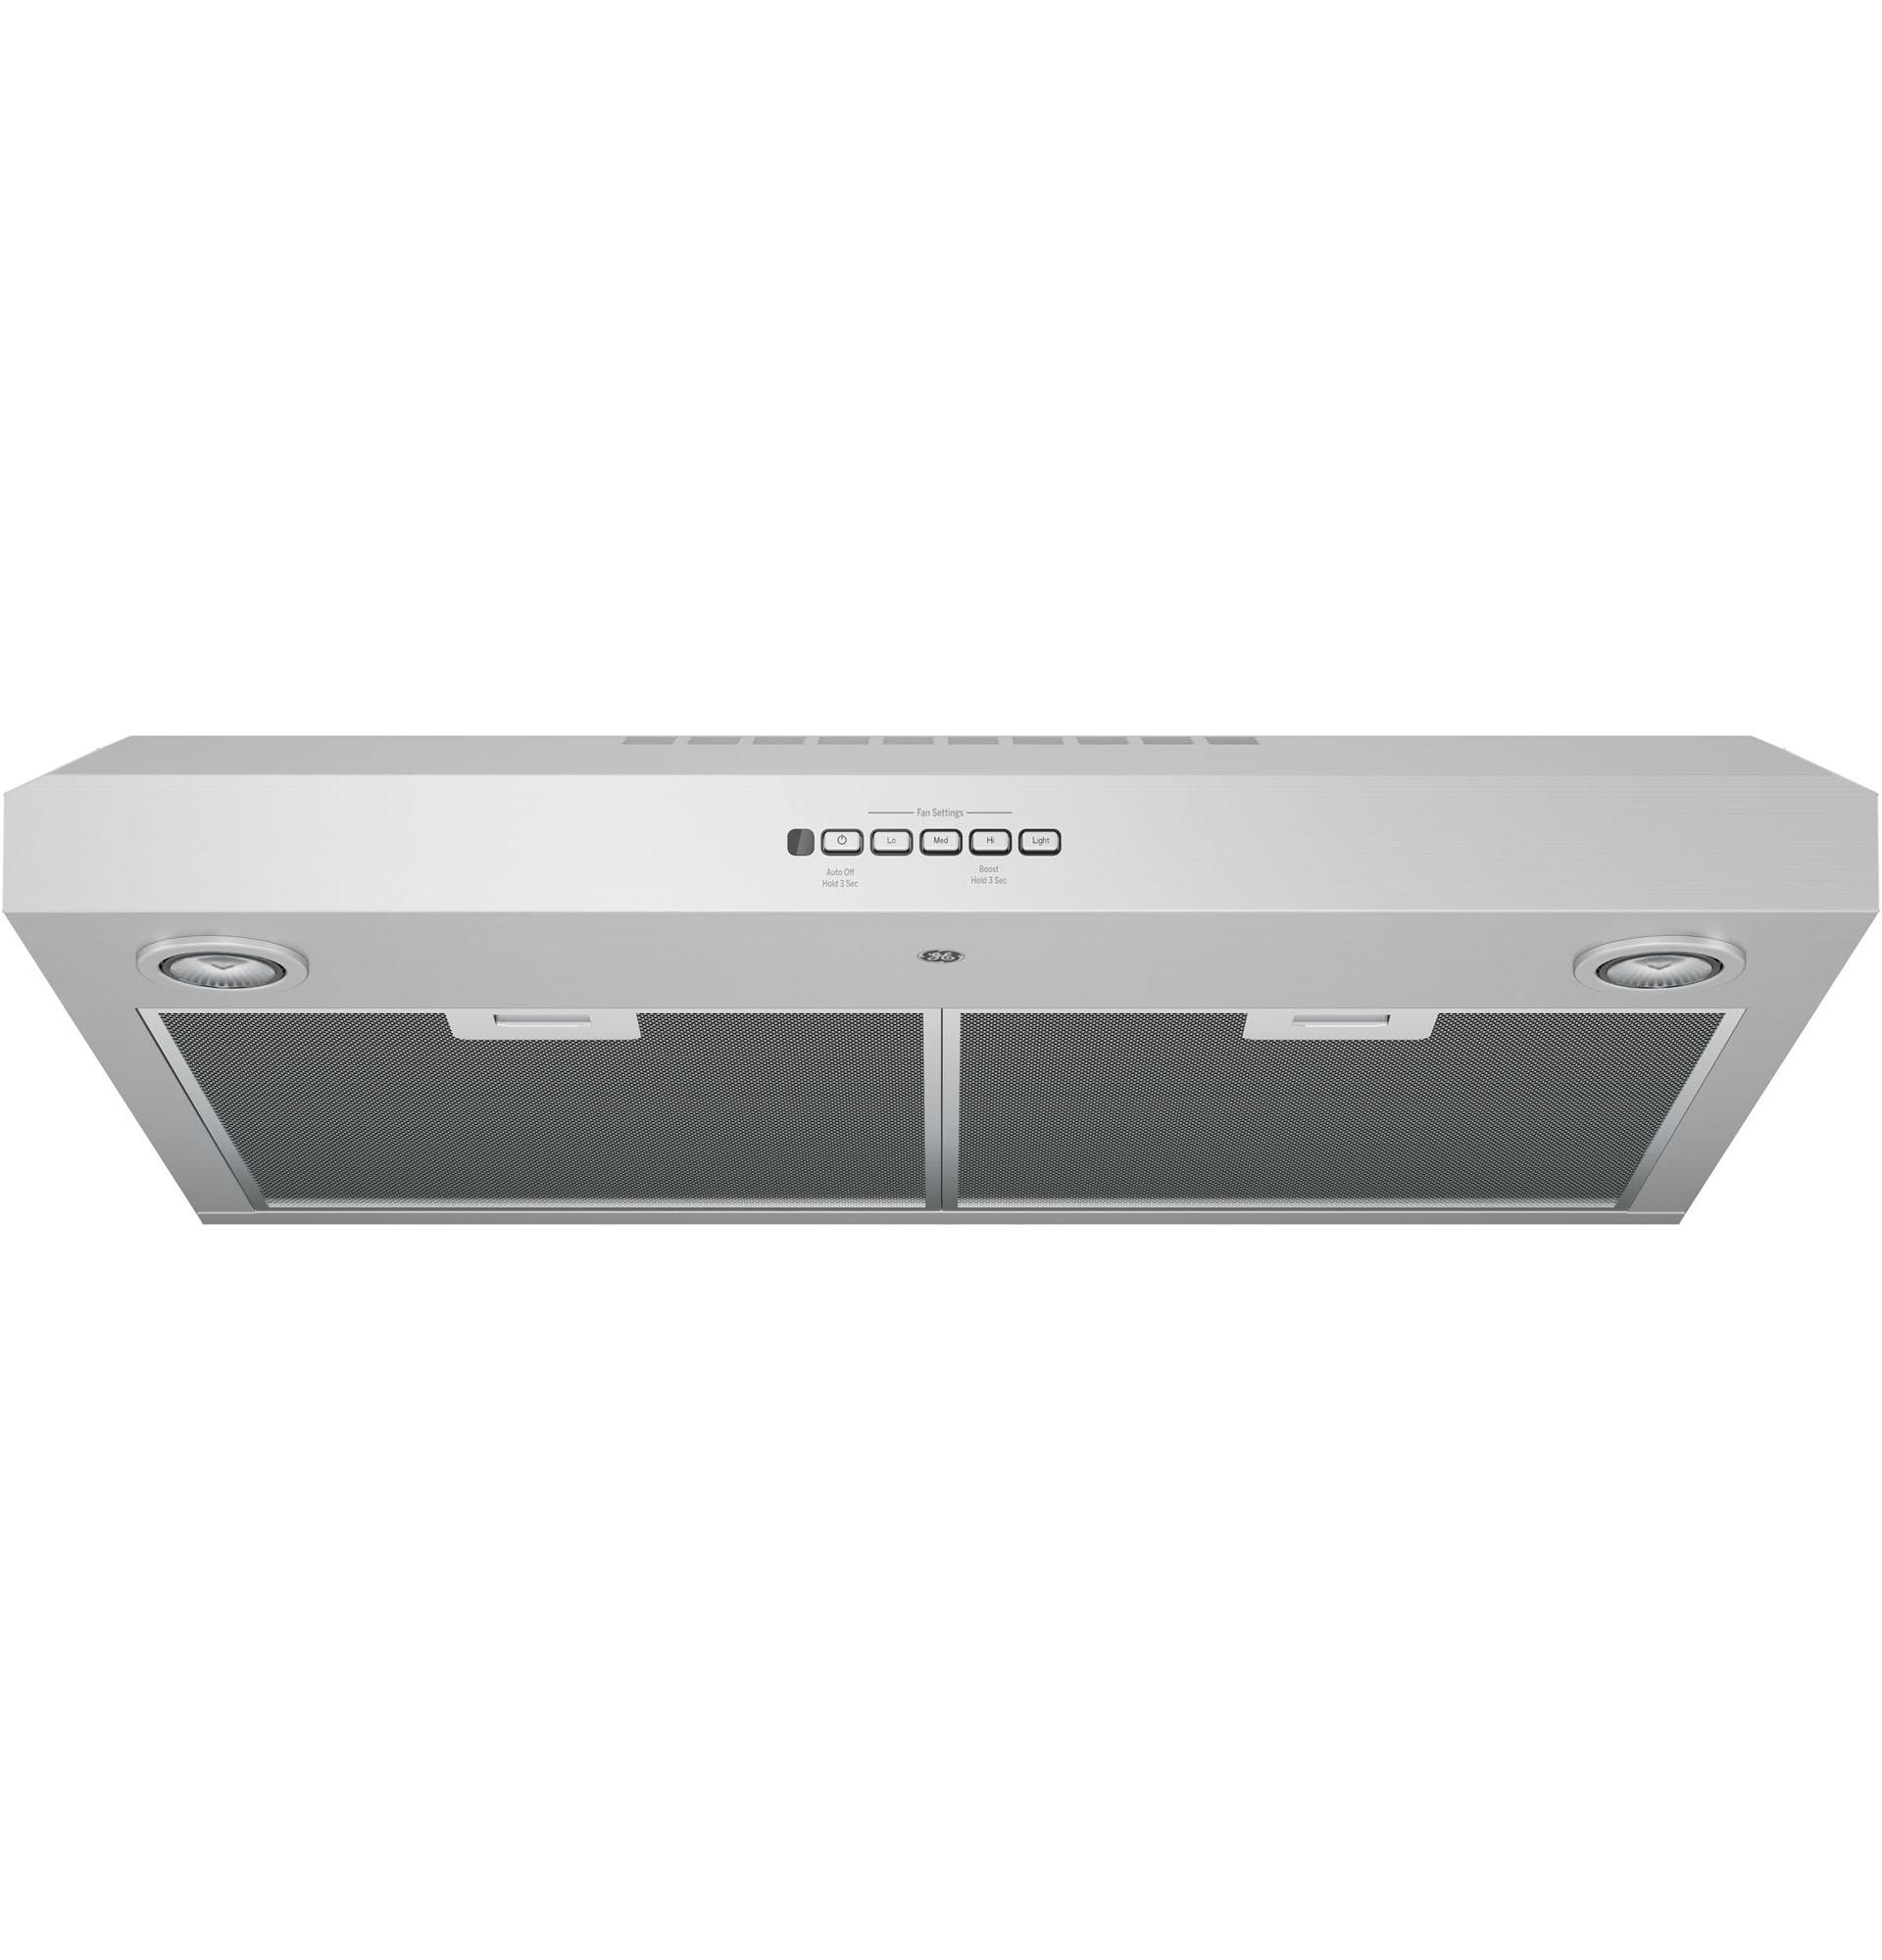 Ge Appliances Jvx5300sjss 30